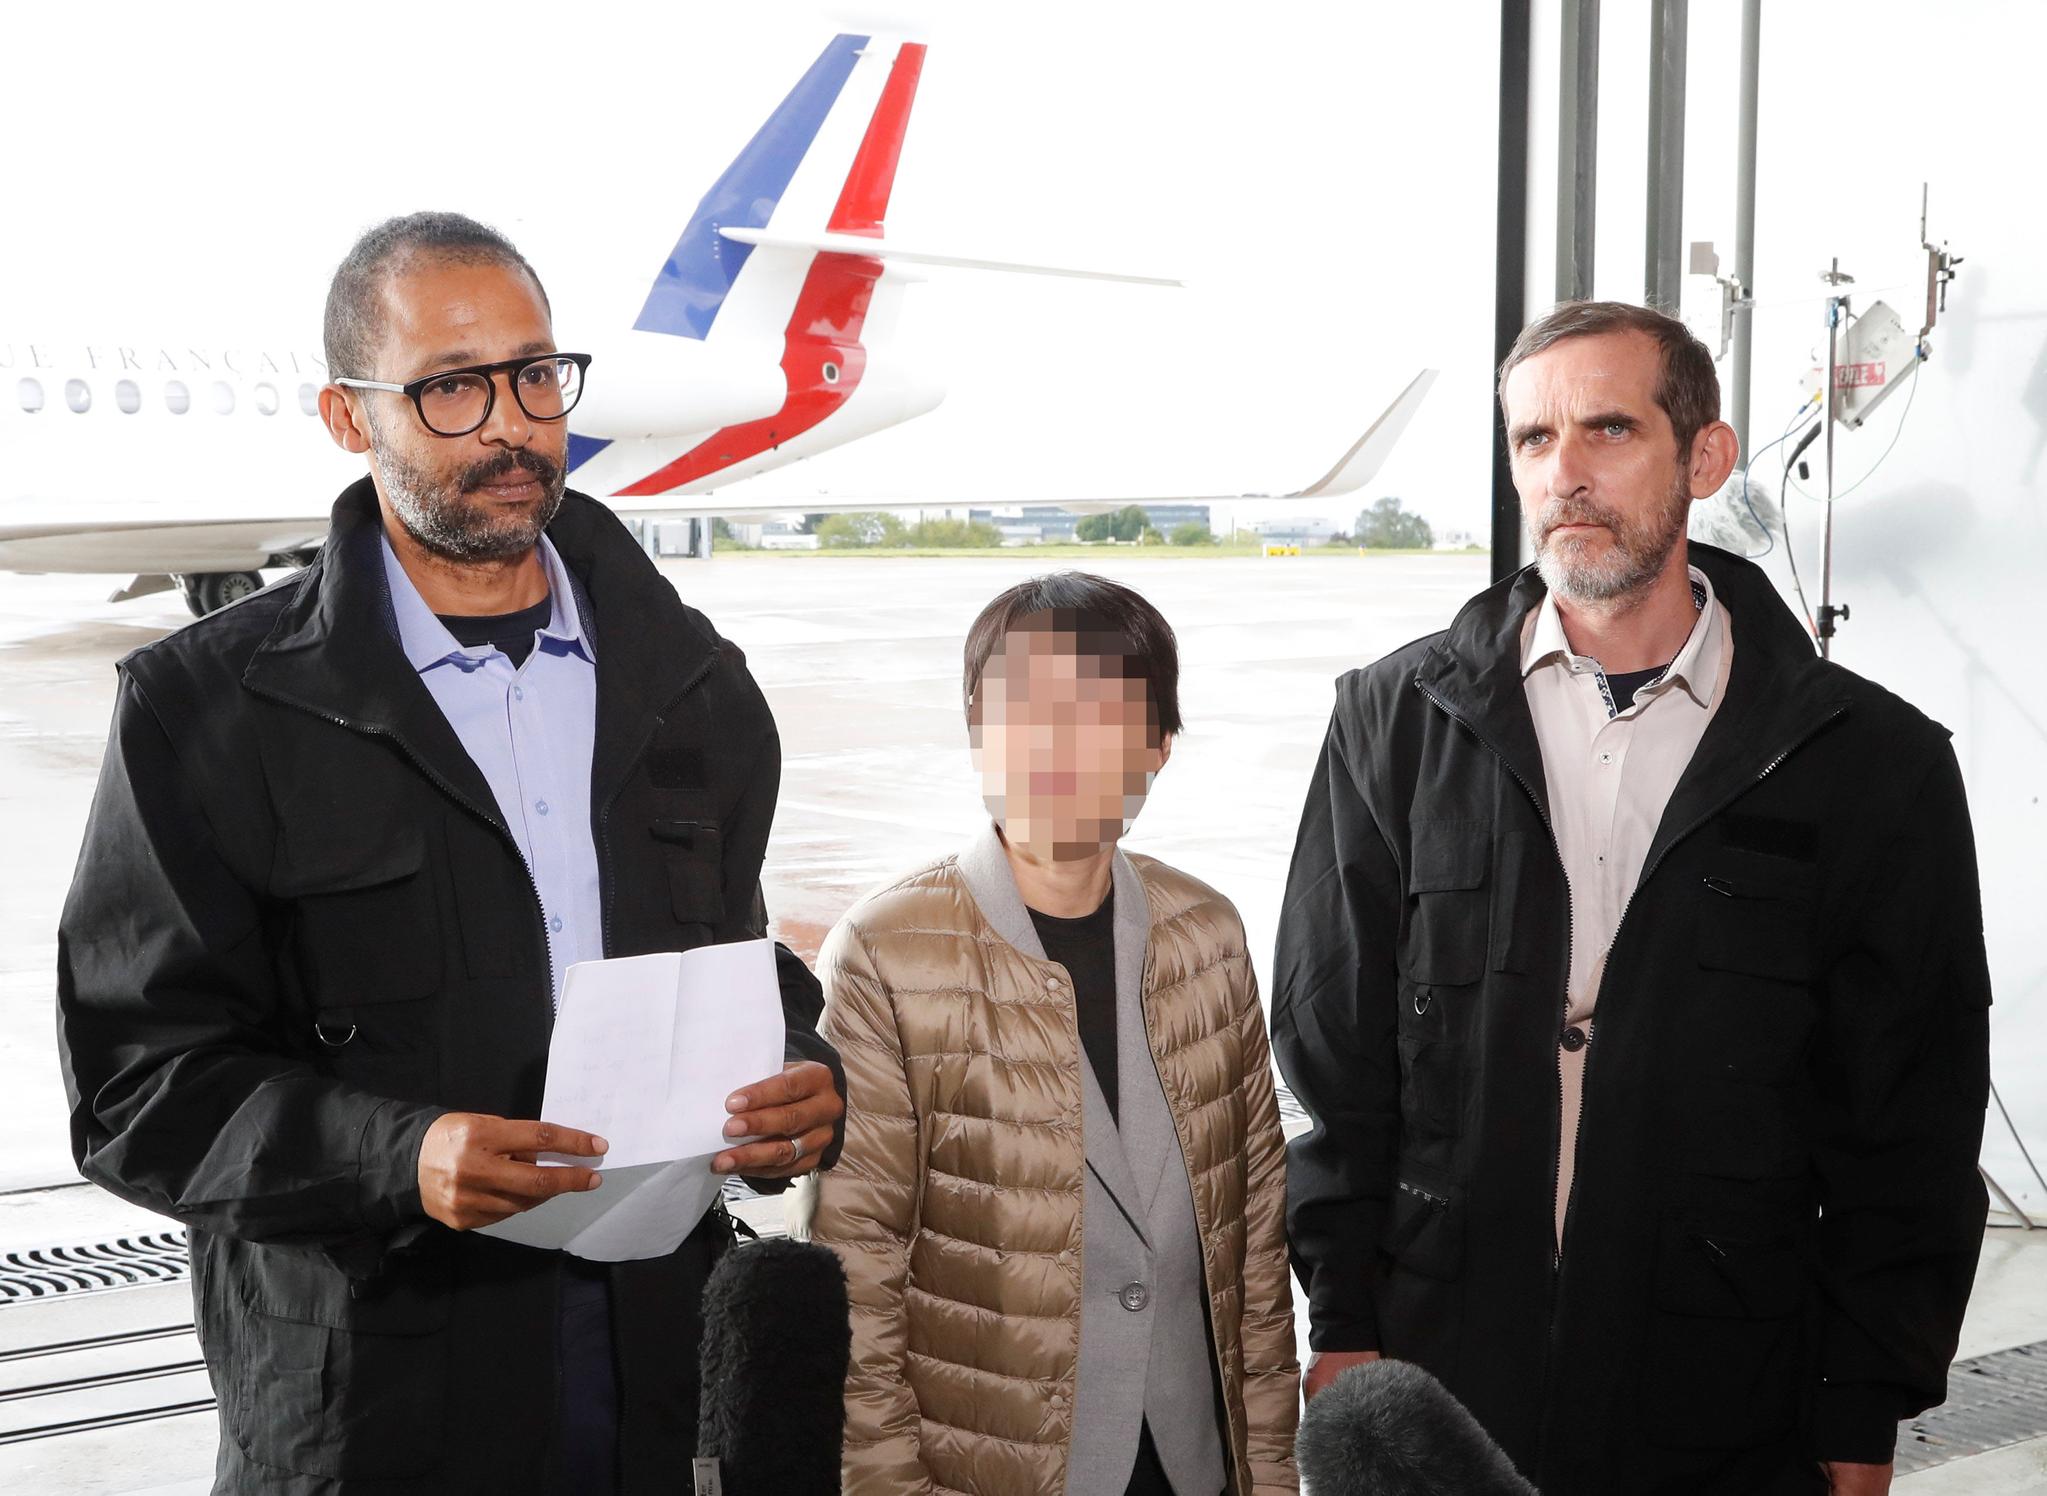 로랑 라시무일라스가 희생된 특수부대원에 대한 애도의 성명을 전하고 있다. [AP=연합뉴스]